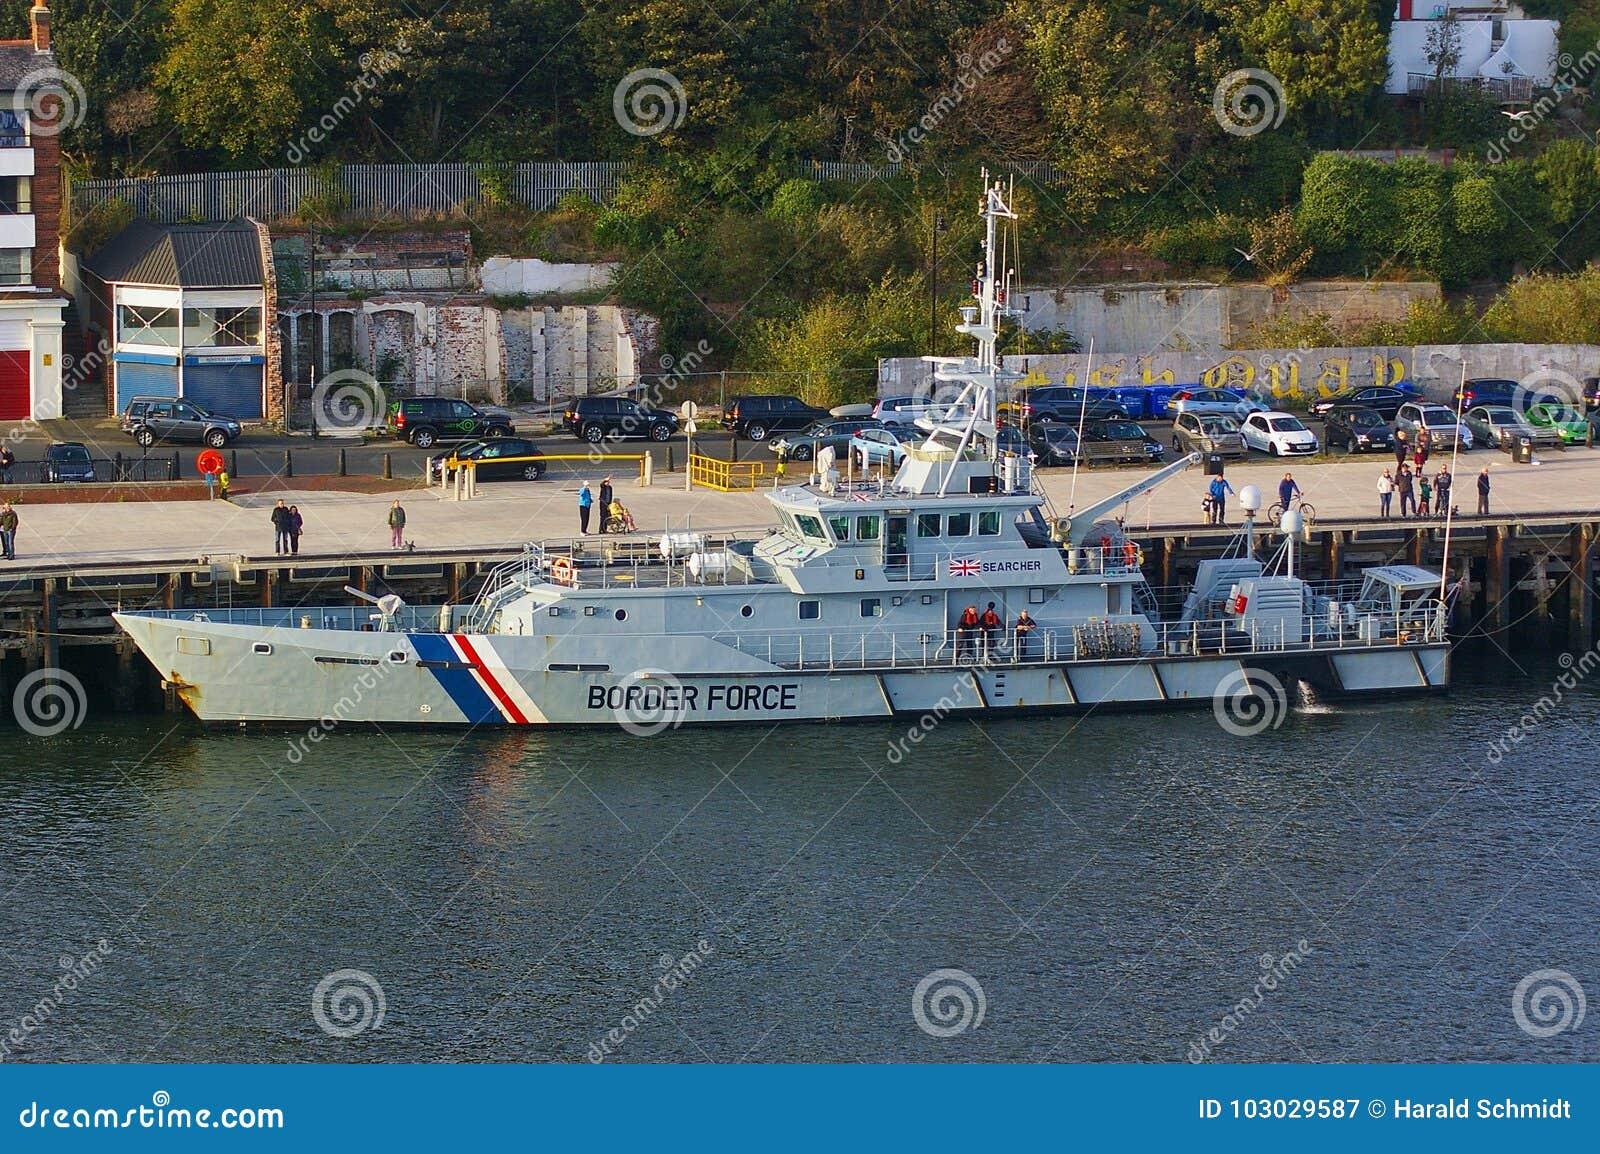 新堡,英国- 2014年10月5日, -她的停泊的英国边界力量切削刀HMC搜寻者